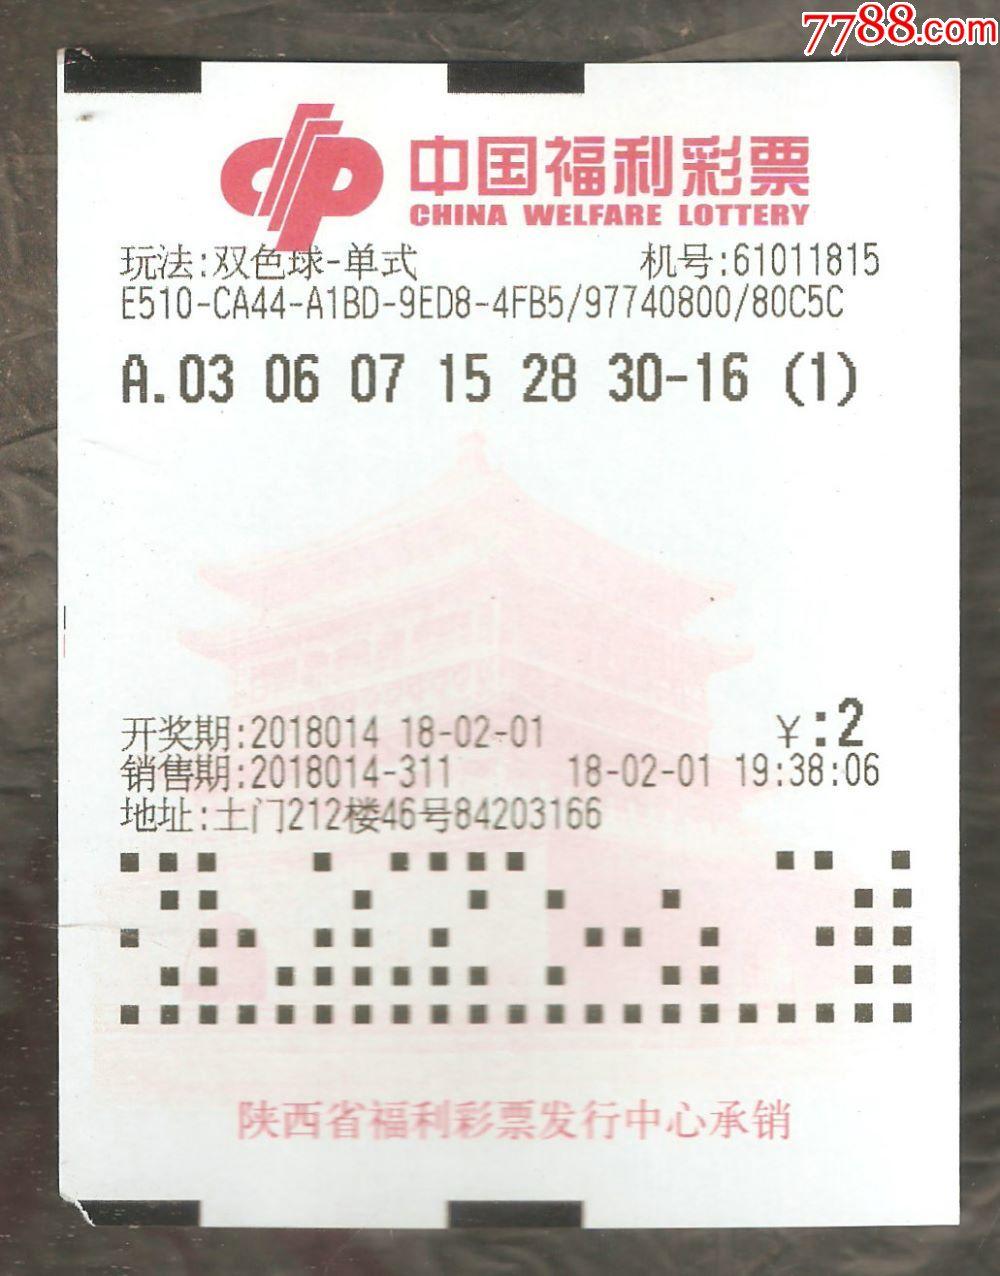 浙江福利彩票网6+1_中国福利彩票--福利彩票公益金(背面钟楼水印)